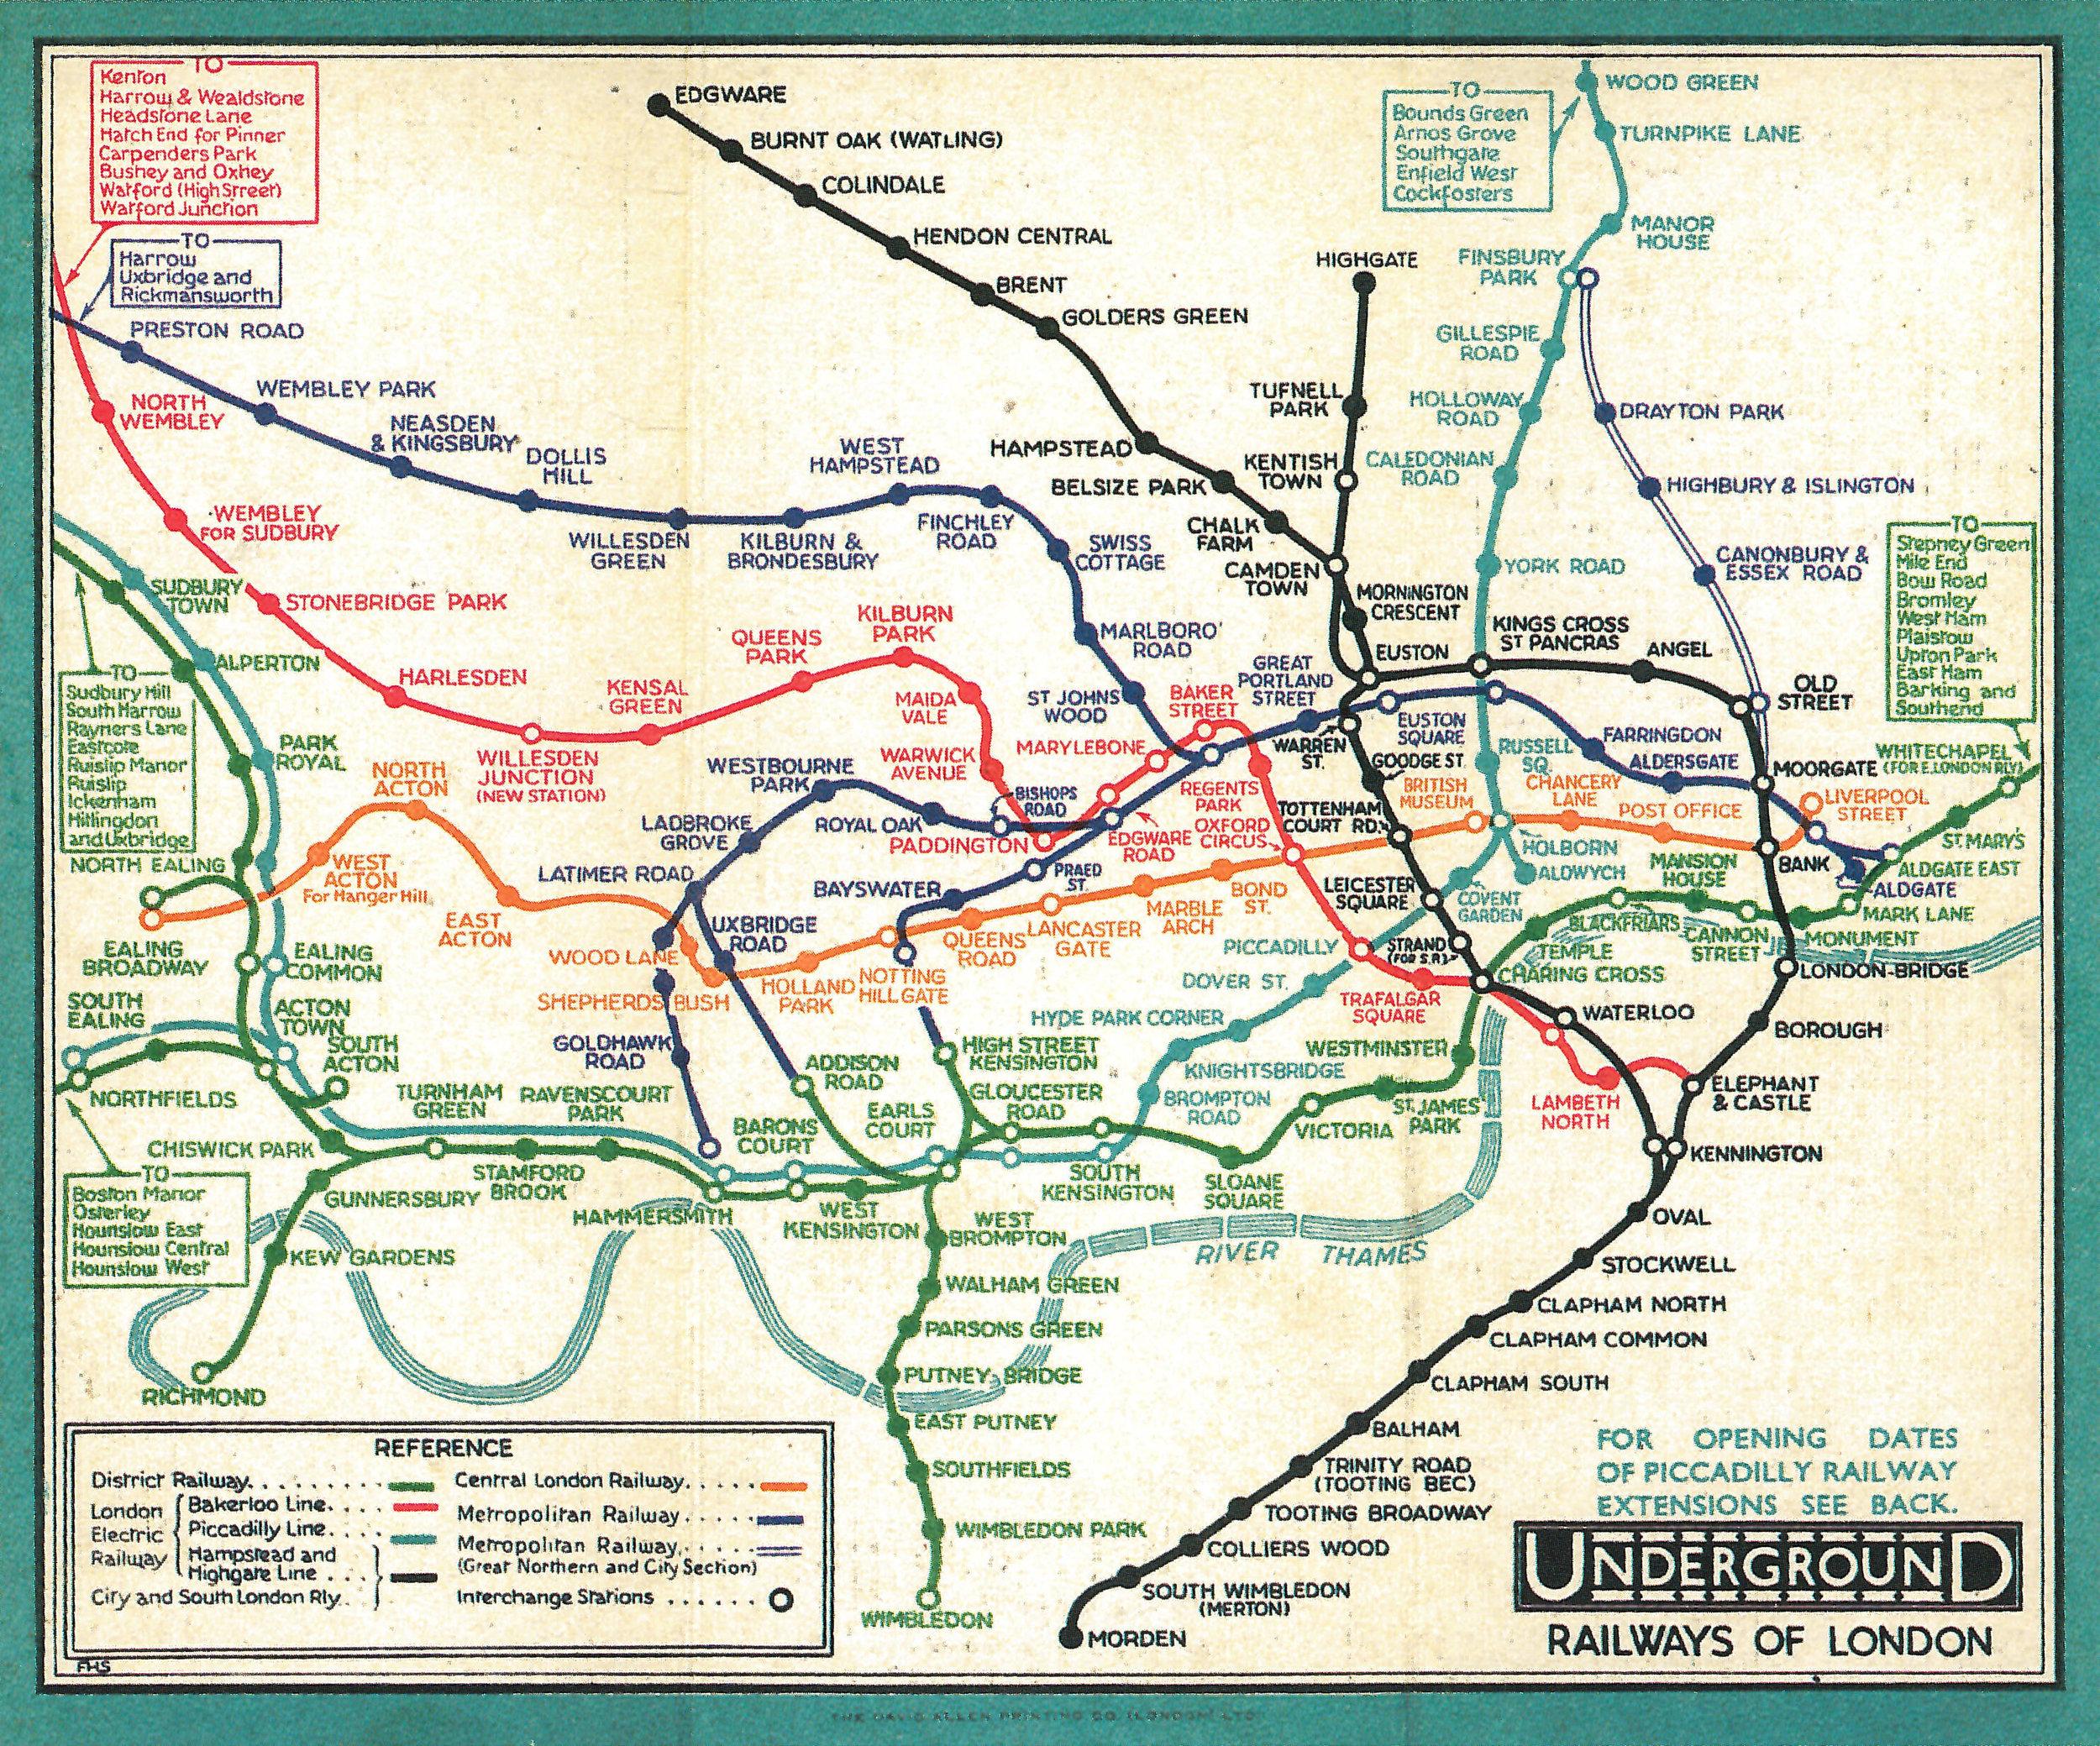 1932-book-london-underground-maps-